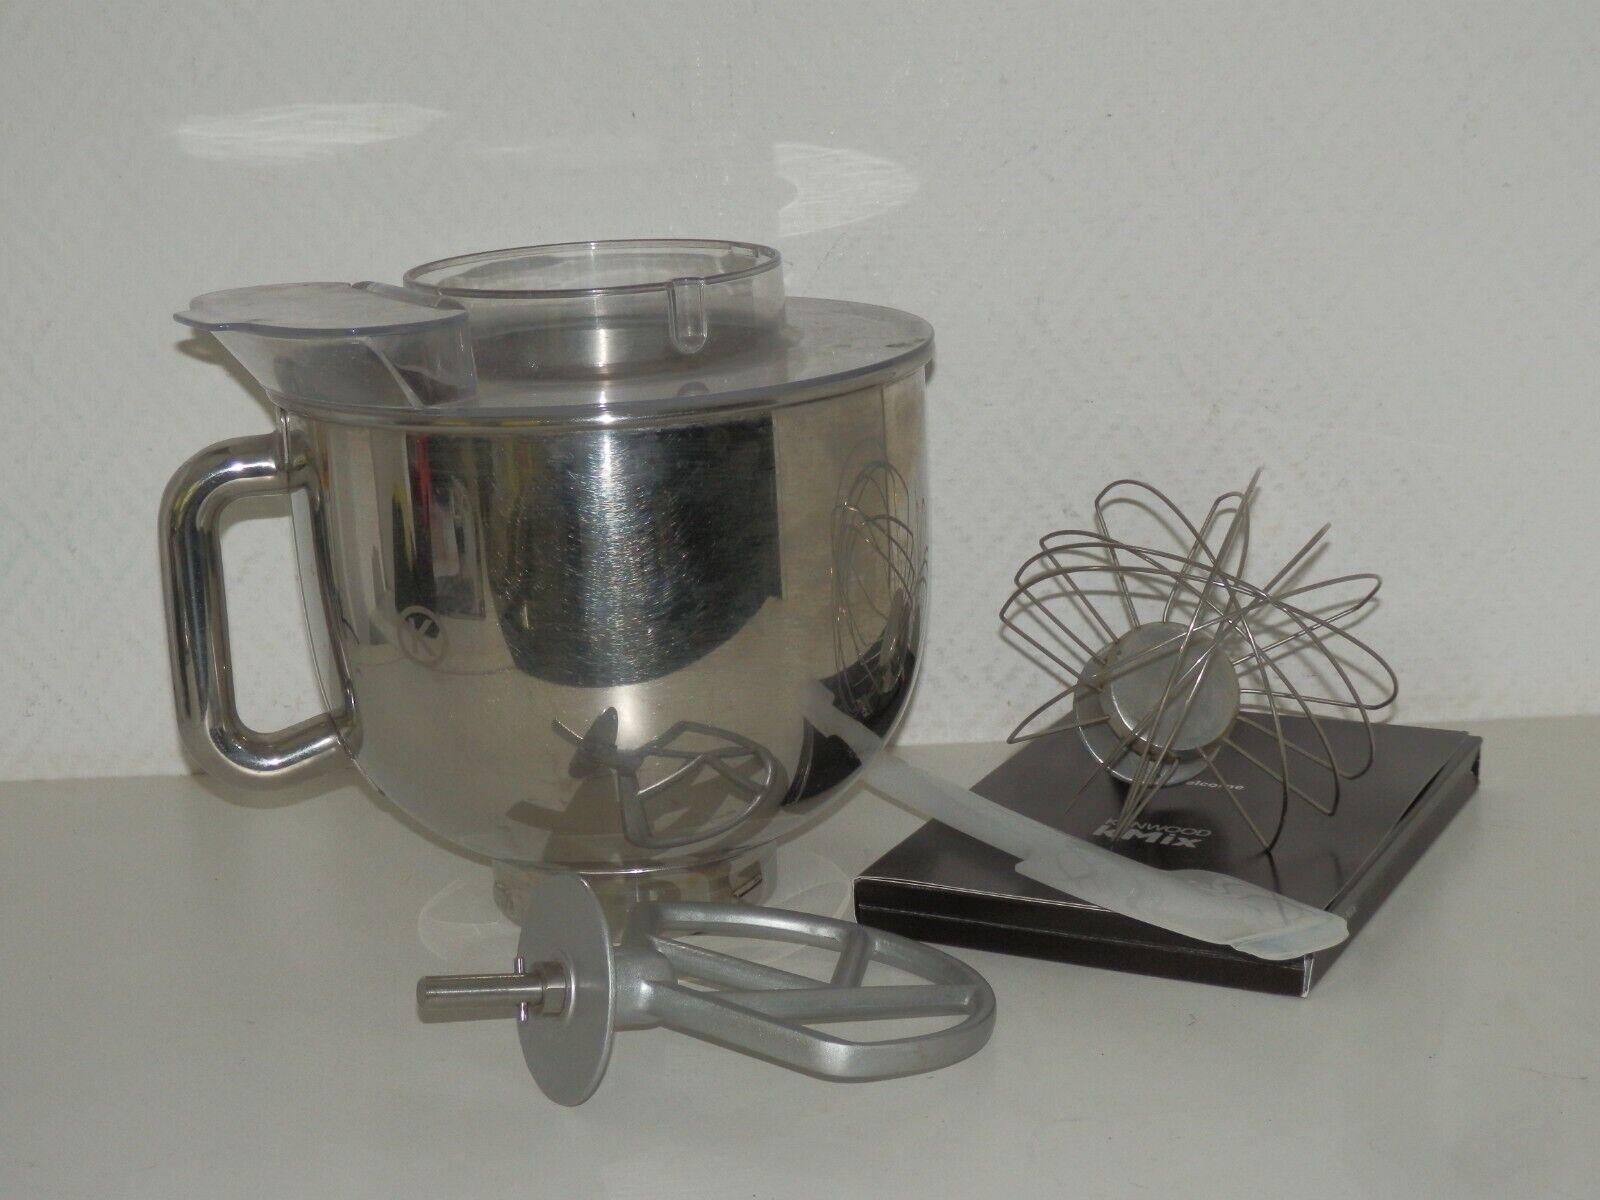 Zubehör für Kenwood KMIX Küchenmaschine ink. Schüssel, Schneebesen, Deckel etc.